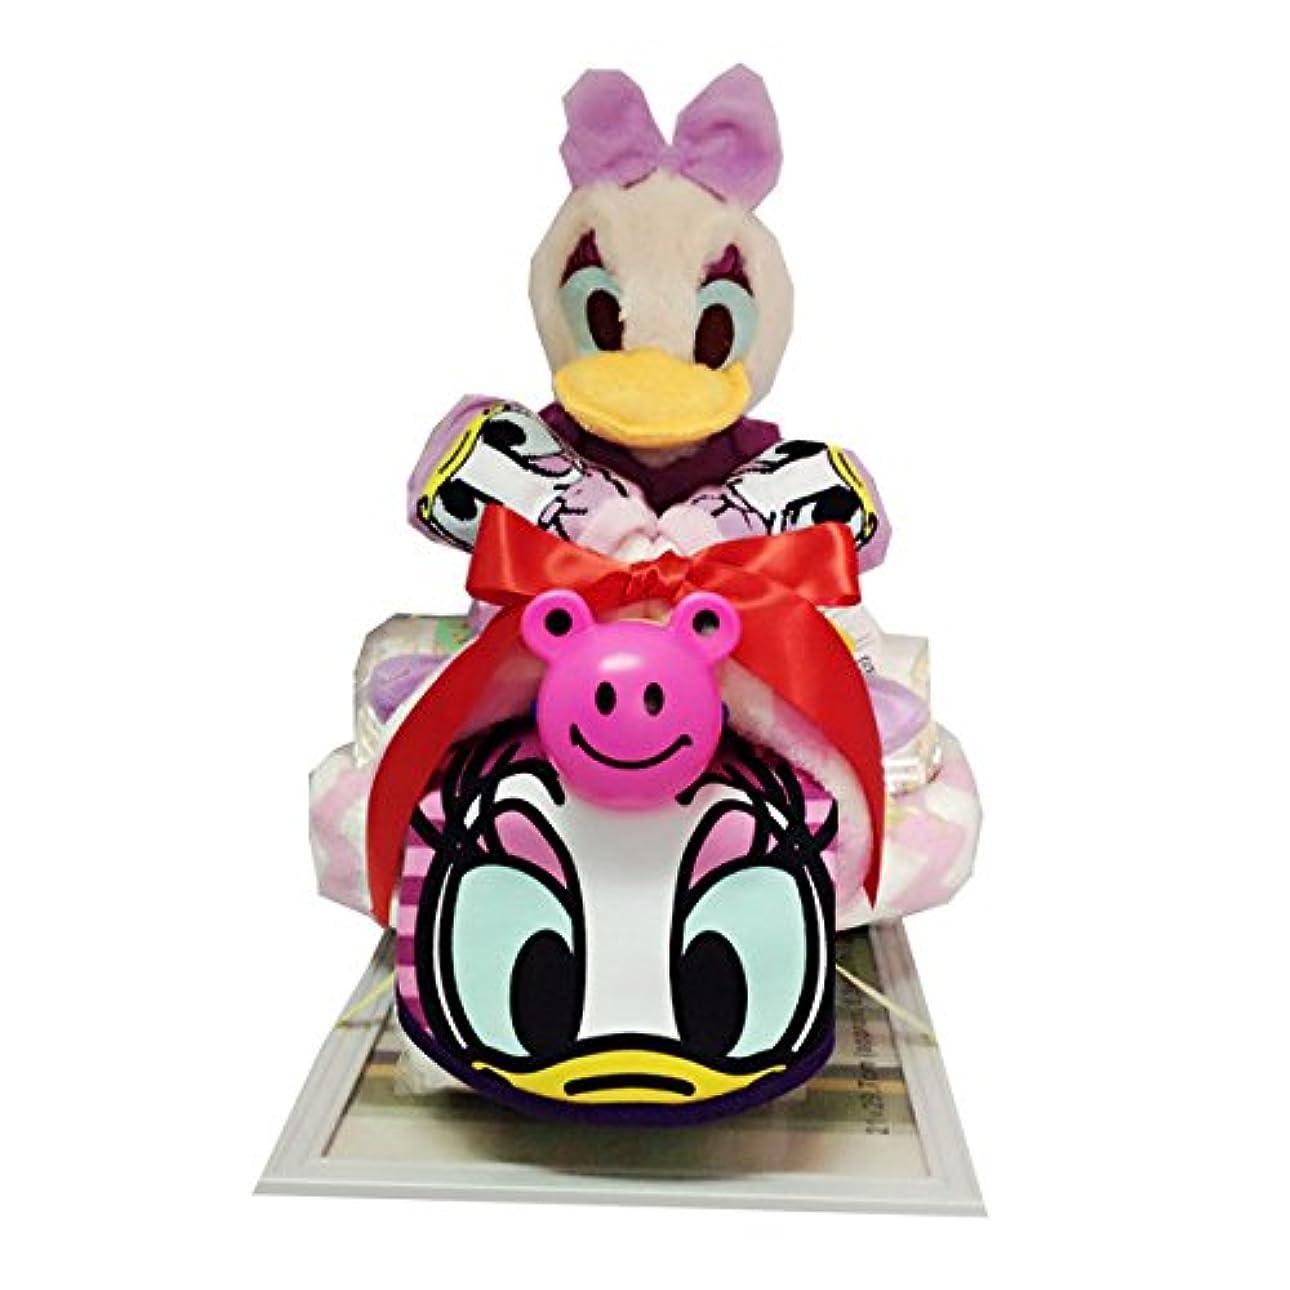 有用レイア苦難おむつケーキ おむつバイク ディズニー デイジー 出産祝い 誕生日 プレゼント(パンパーステープタイプMサイズ)